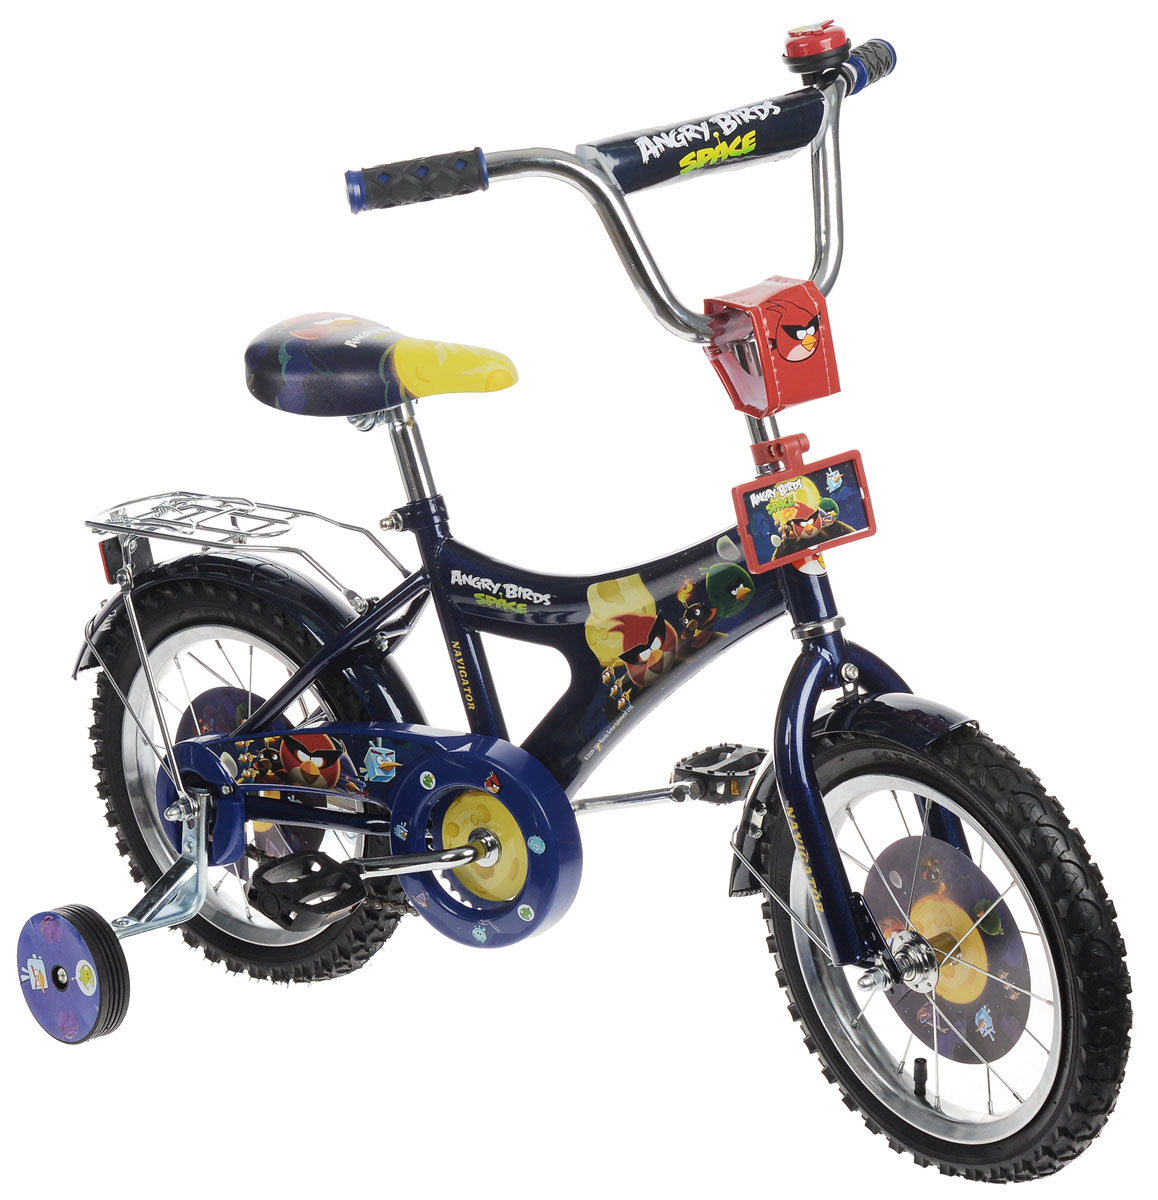 Navigator Trike Велосипед детский двухколесный Angry BirdsВН14128Яркий двухколесный велосипед Angry Birds синего цвета с ручным тормозом отлично подойдет для прогулок вашего ребенка. Велосипед оснащен специальным ограничителем поворота руля, что предотвращает падение ребенка из-за резкого поворота.Мягкое сиденье удобной формы с толстым слоем пенного наполнителя обеспечивает ребенку максимальный комфорт, а специальный пластиковый держатель позволяет брать велосипед без риска поранить руку о внутренние скобы. Велосипед дополнен удобной подножкой и светоотражателями.Велосипед снабжен багажником, крепящимся на руль звонком и двумя дополнительными страховочными колесами. Велосипед оформлен яркими изображениями героев знаменитого мультфильма Angry Birds.